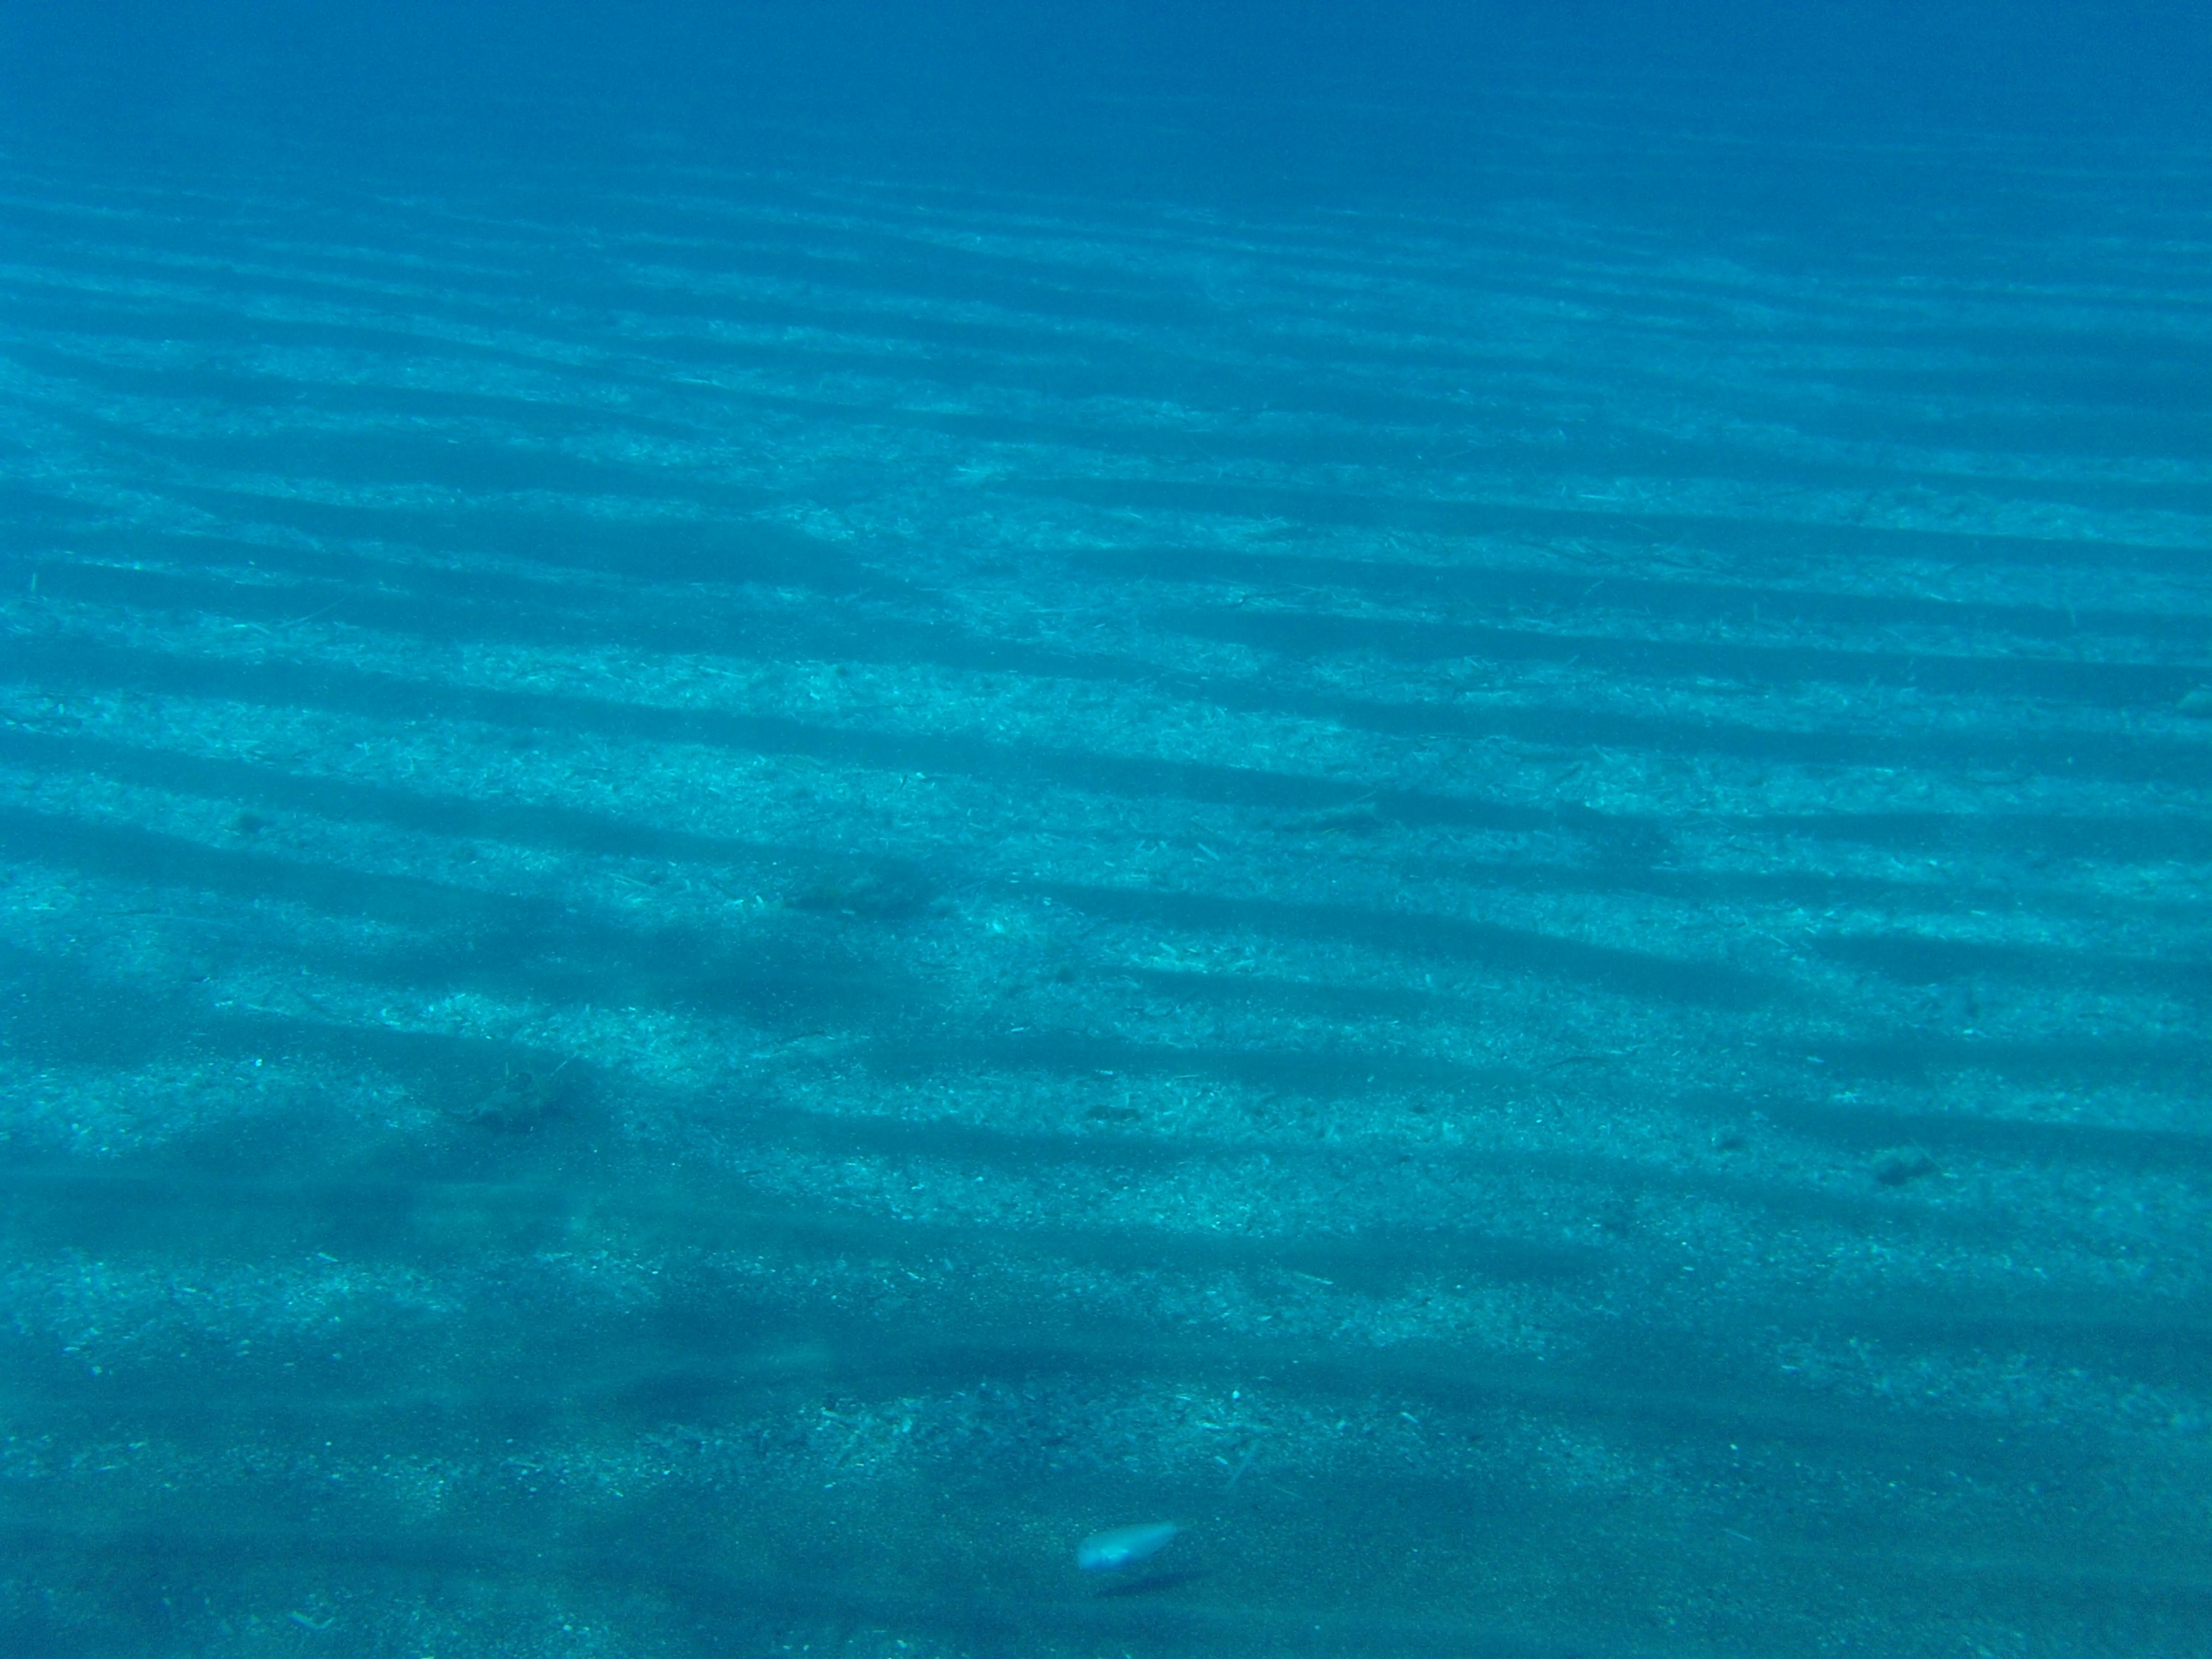 54. Слоистость на дне - Пляж Периссы. Санторини